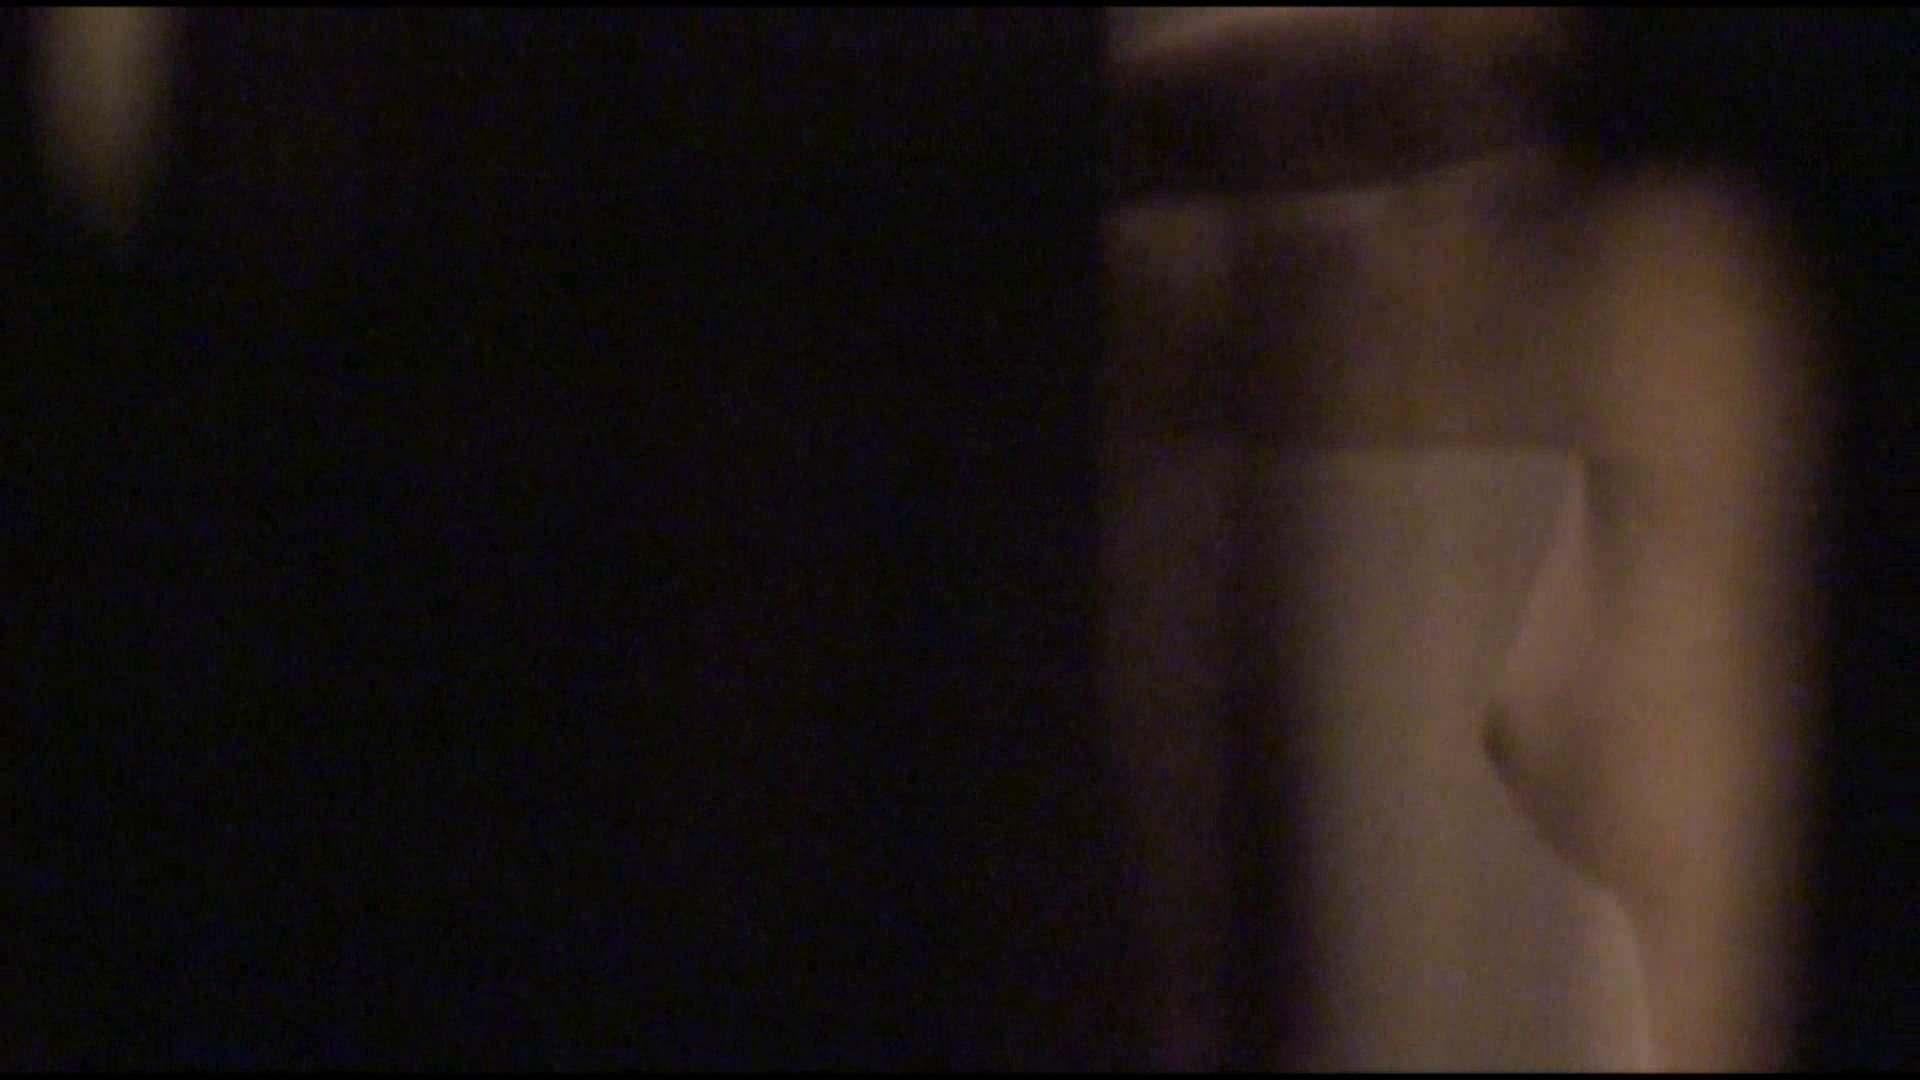 おまんこ丸見え|vol.05最高の極上美人!可愛い彼女の裸体をどうぞ!風呂上り鏡チェックも必見!|怪盗ジョーカー